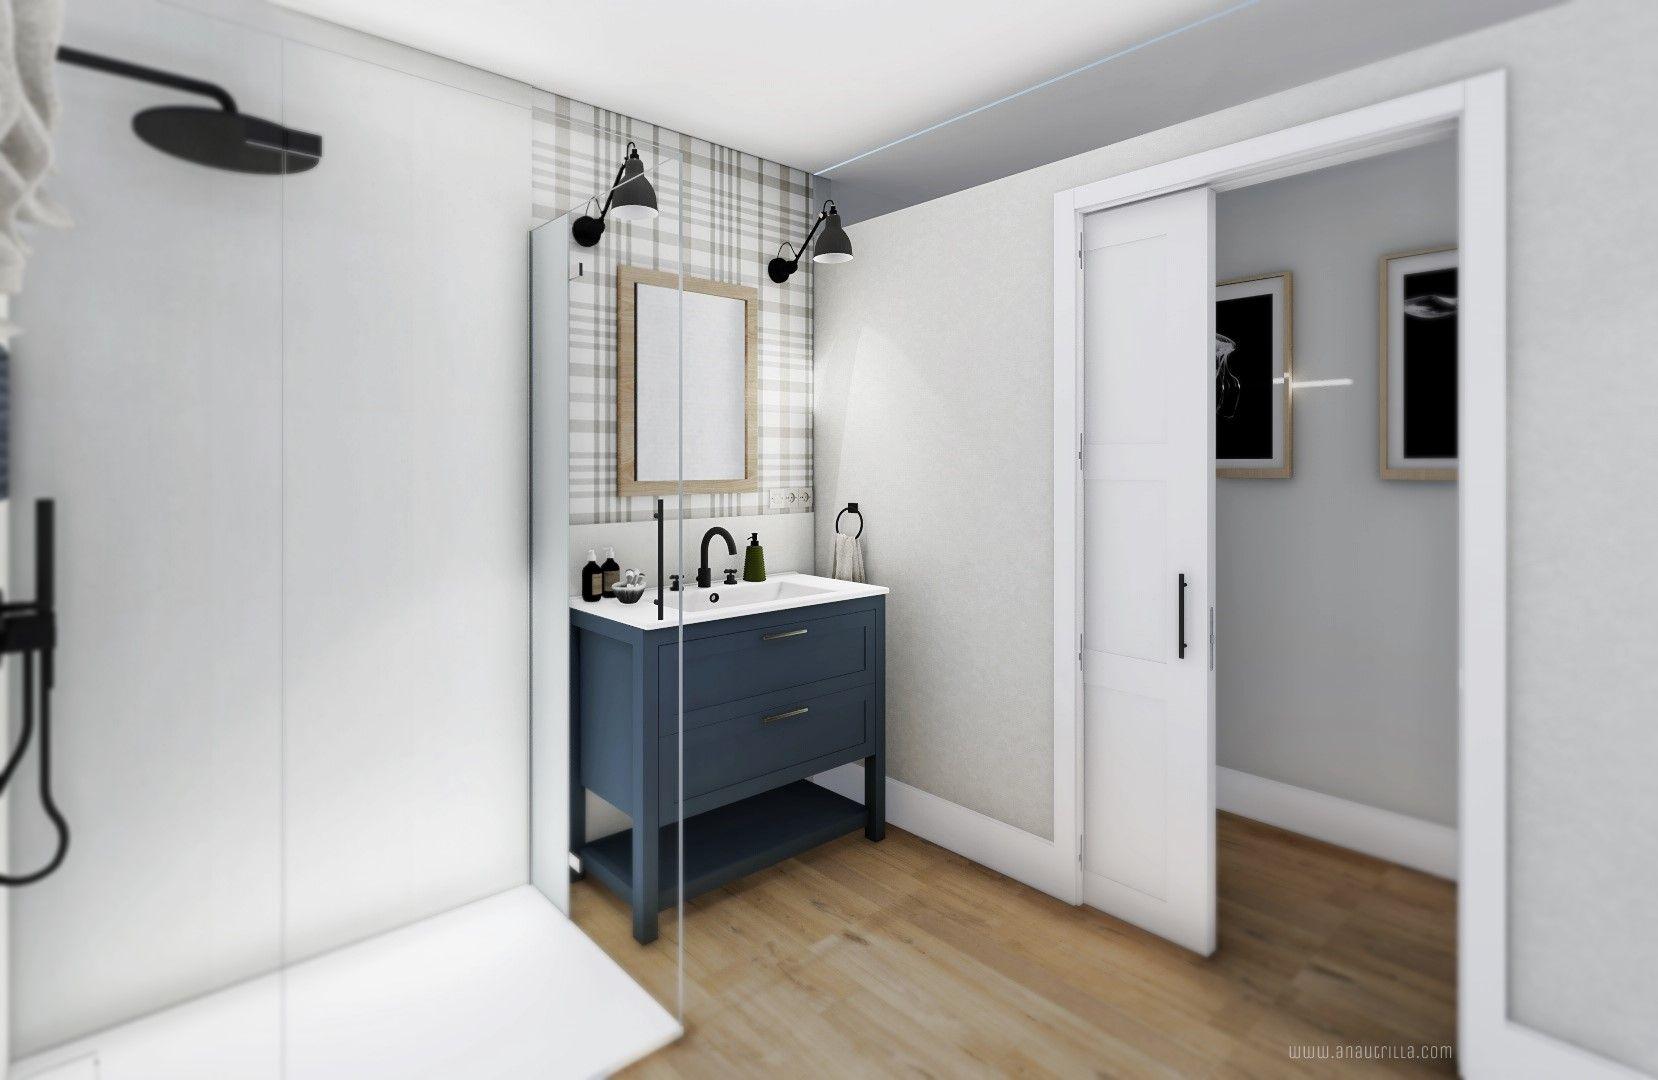 Espacio de baño con lavabo sobre mueble de color azul clásico y estilo farmhouse y papel pintado de cuadros escoceses en la pared, apliques negros y ducha mural, proyecto de diseño e interiorismo en Valladolid 3D #Anautrillainteriorismo @utrillanais